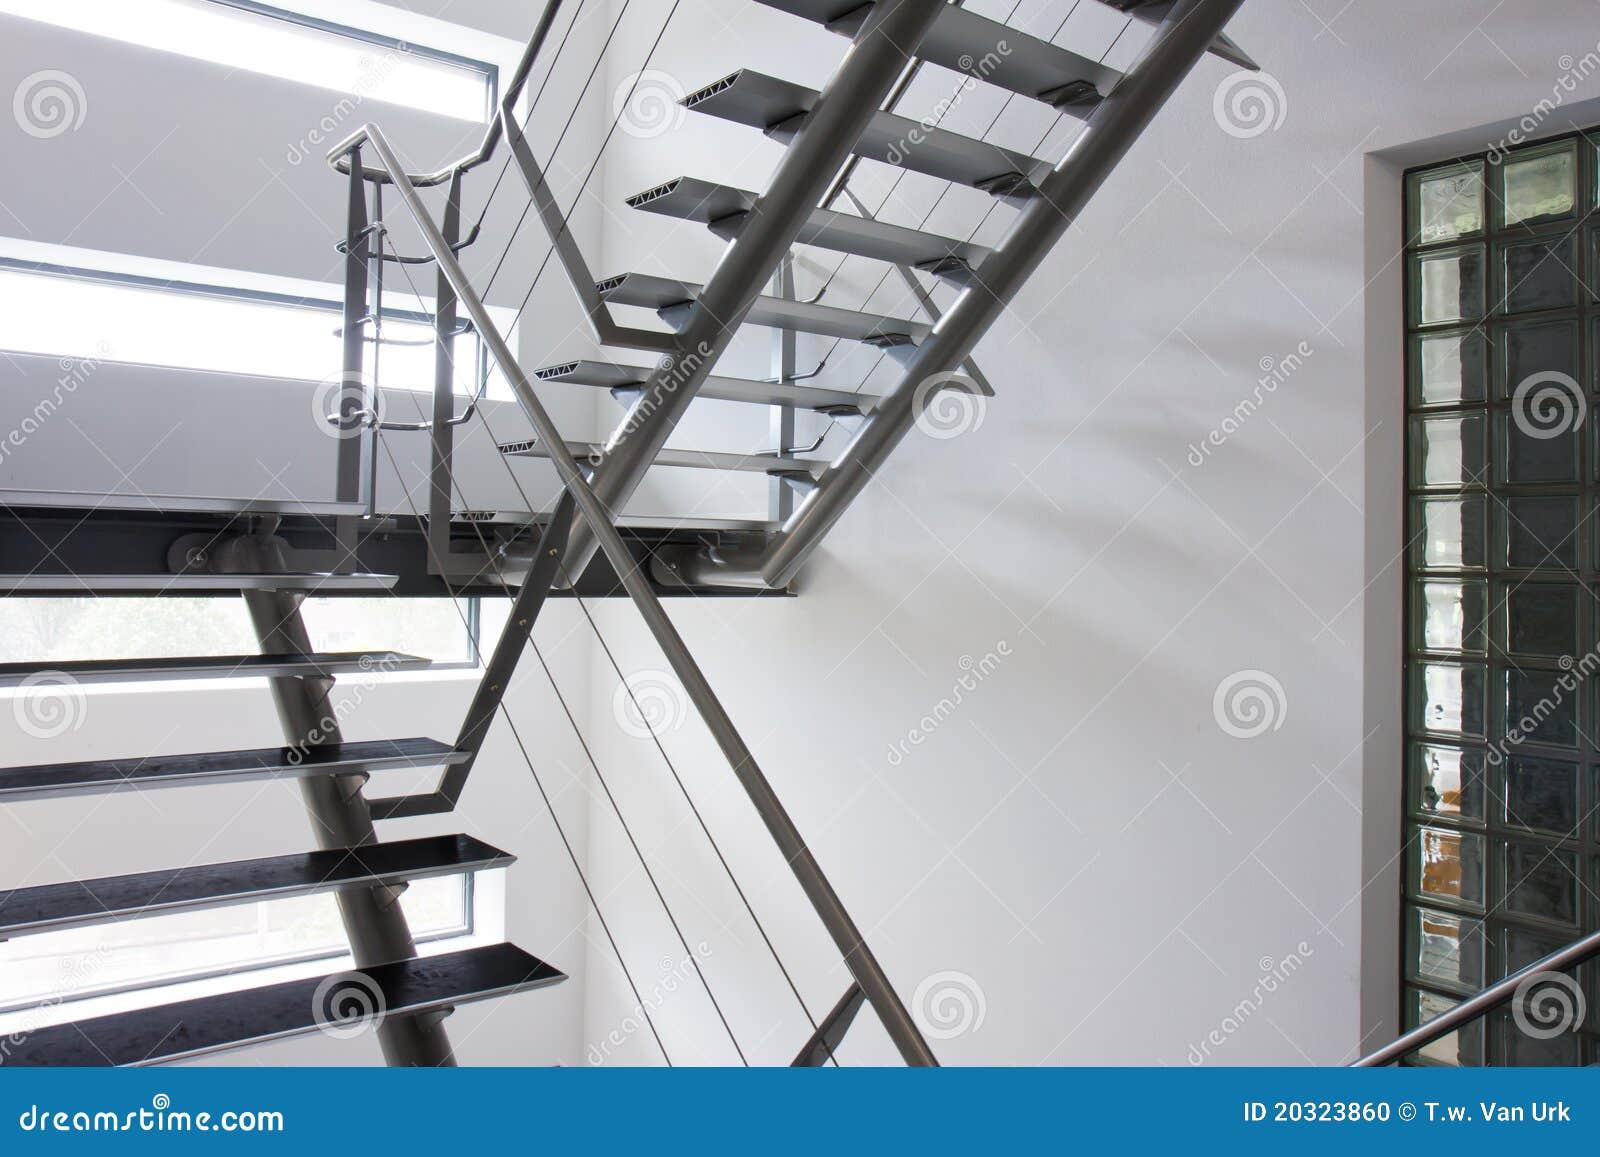 sortie de secours par une cage d 39 escalier dans une. Black Bedroom Furniture Sets. Home Design Ideas